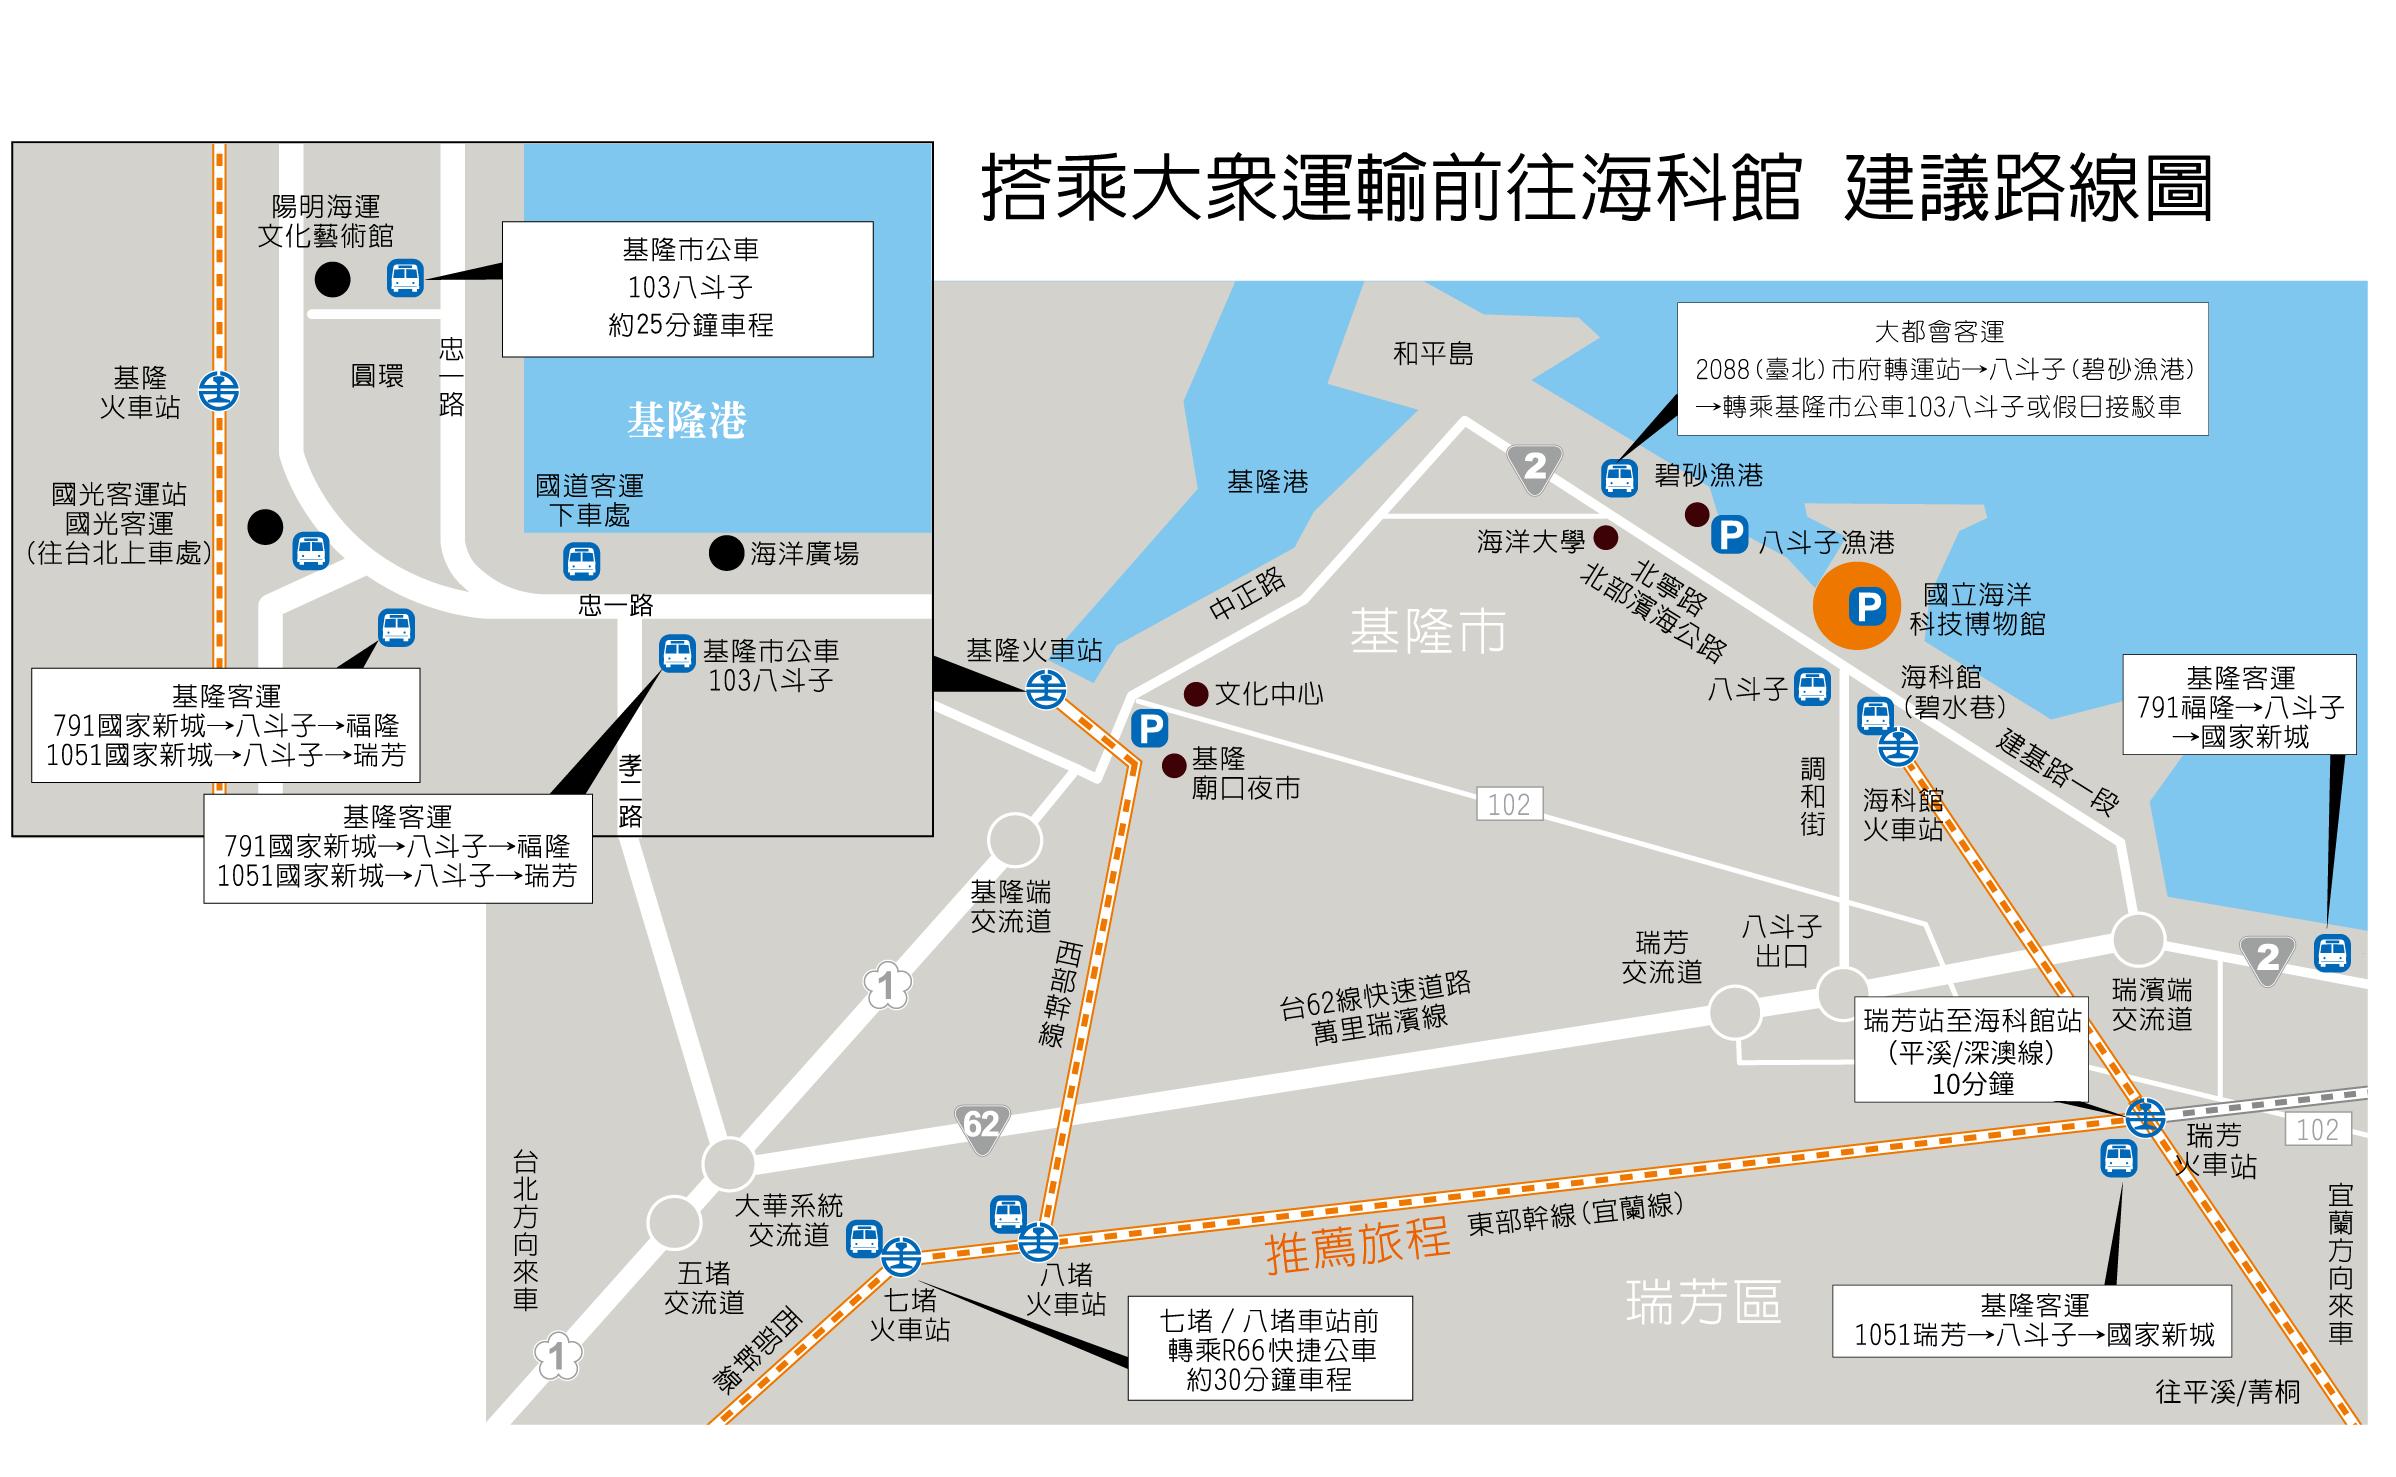 搭乘大眾運輸建議路線圖